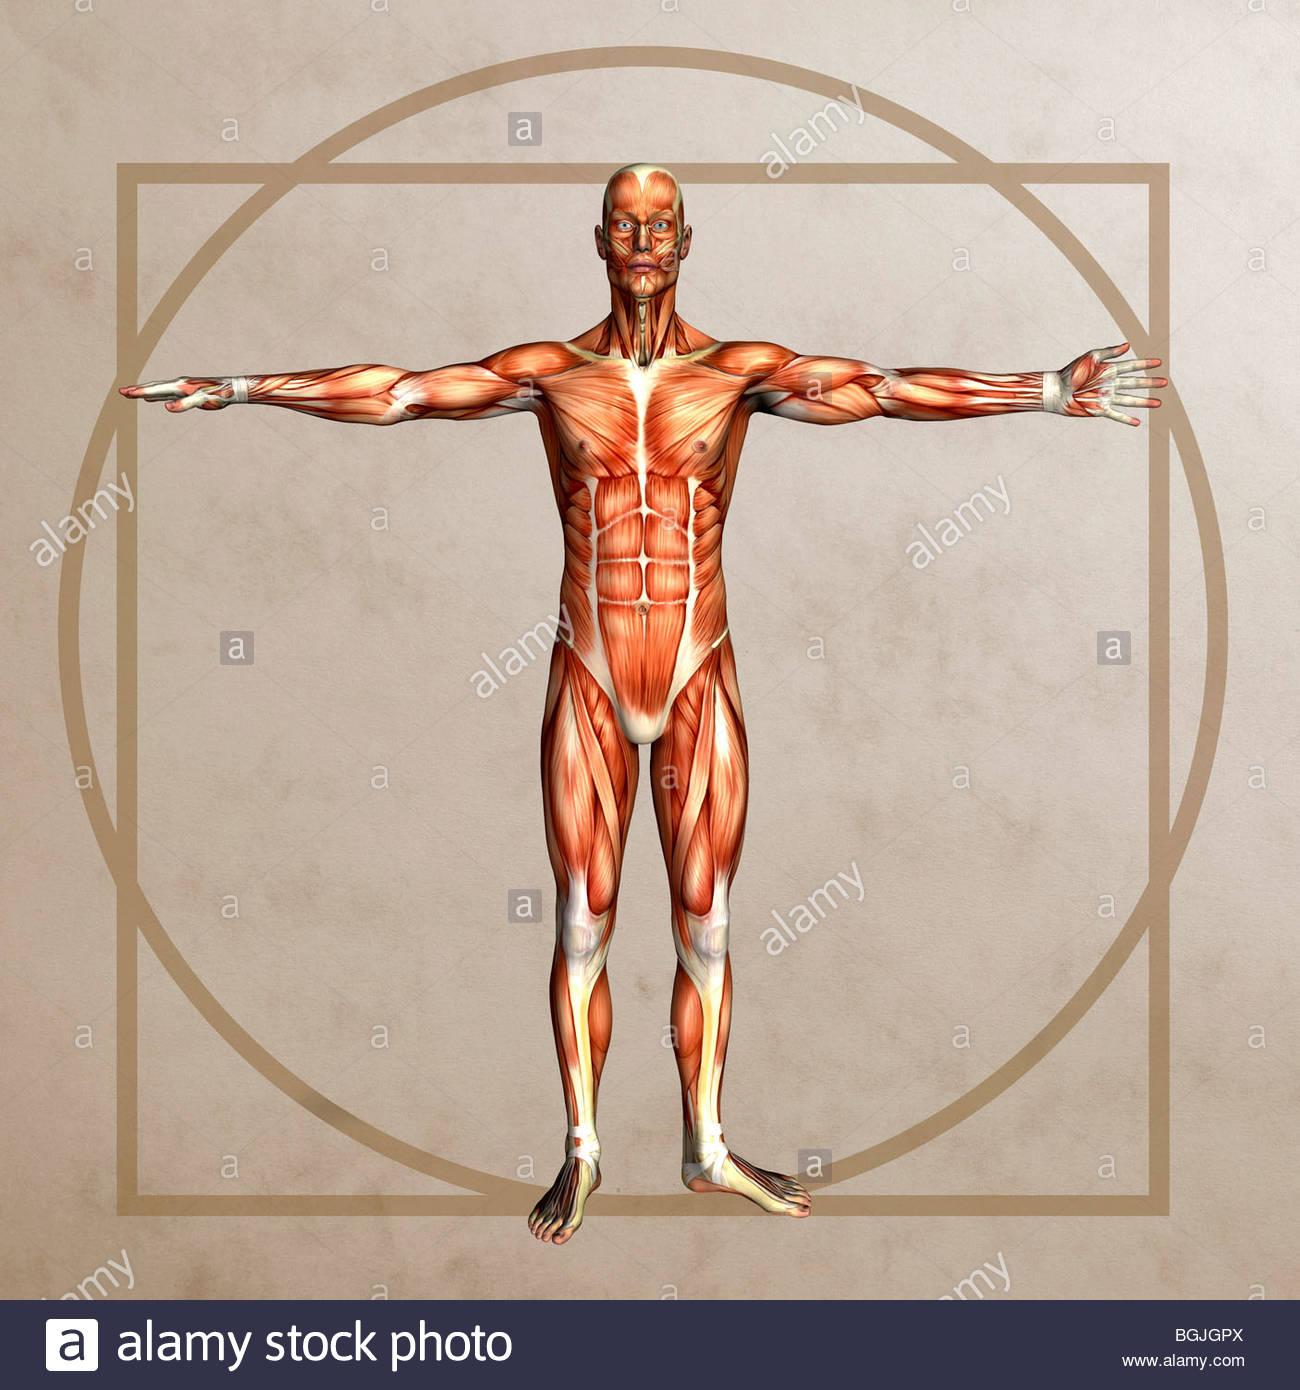 Upper Body Anatomy Imágenes De Stock & Upper Body Anatomy Fotos De ...